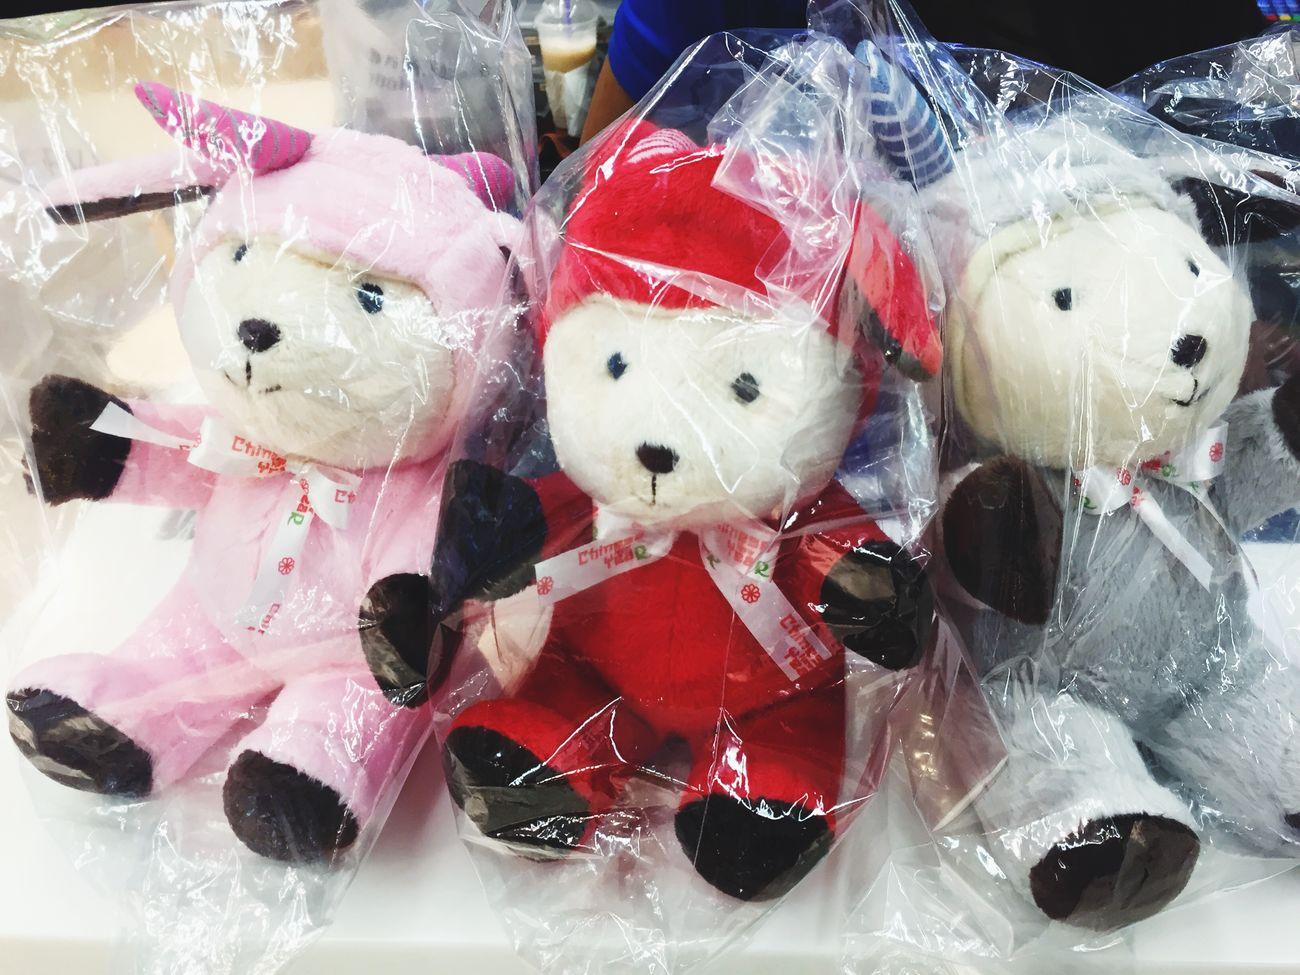 ลูกค้าซื้อครบ3000 บาทแลกซื้อตุ๊กตาหมีจาก490 เหลือเพียง 95บาท